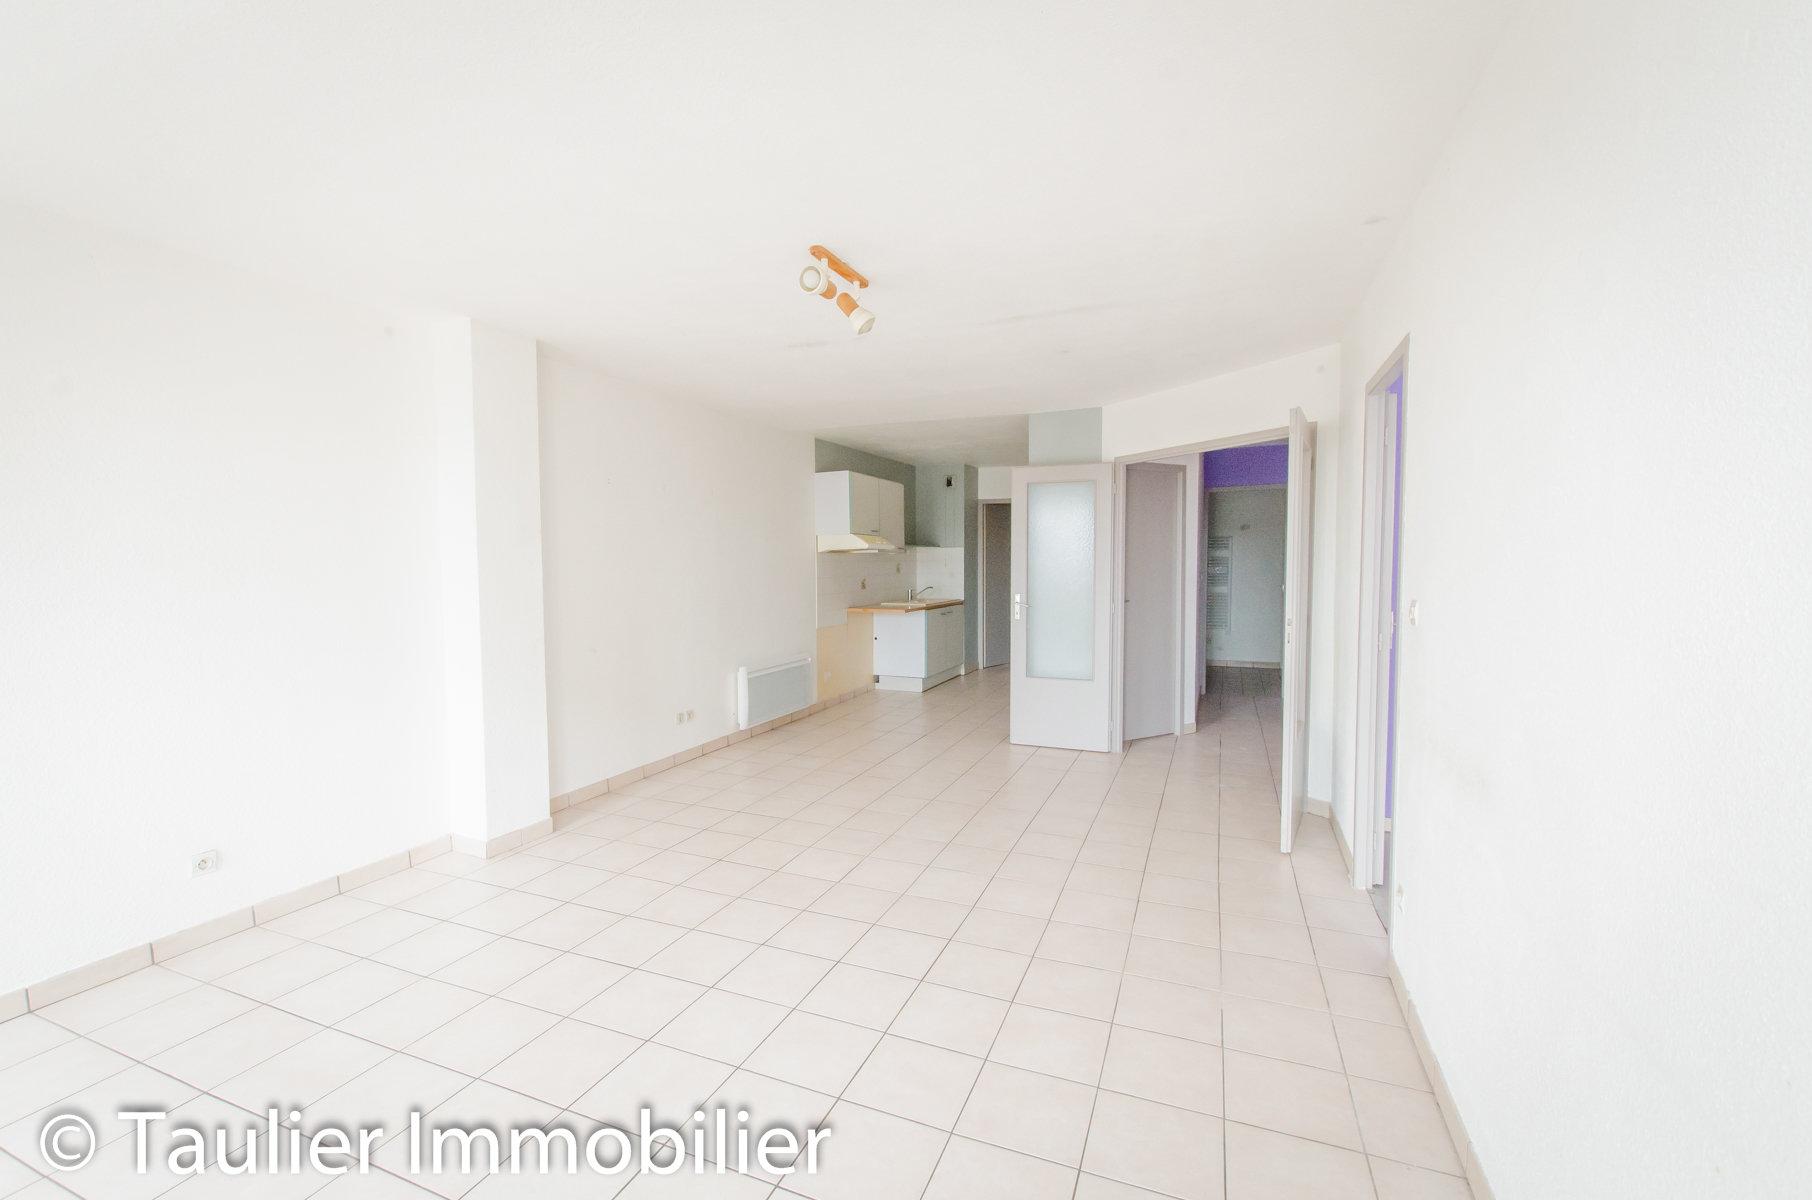 Appartement T4, 88m² avec parking sur l'immeuble